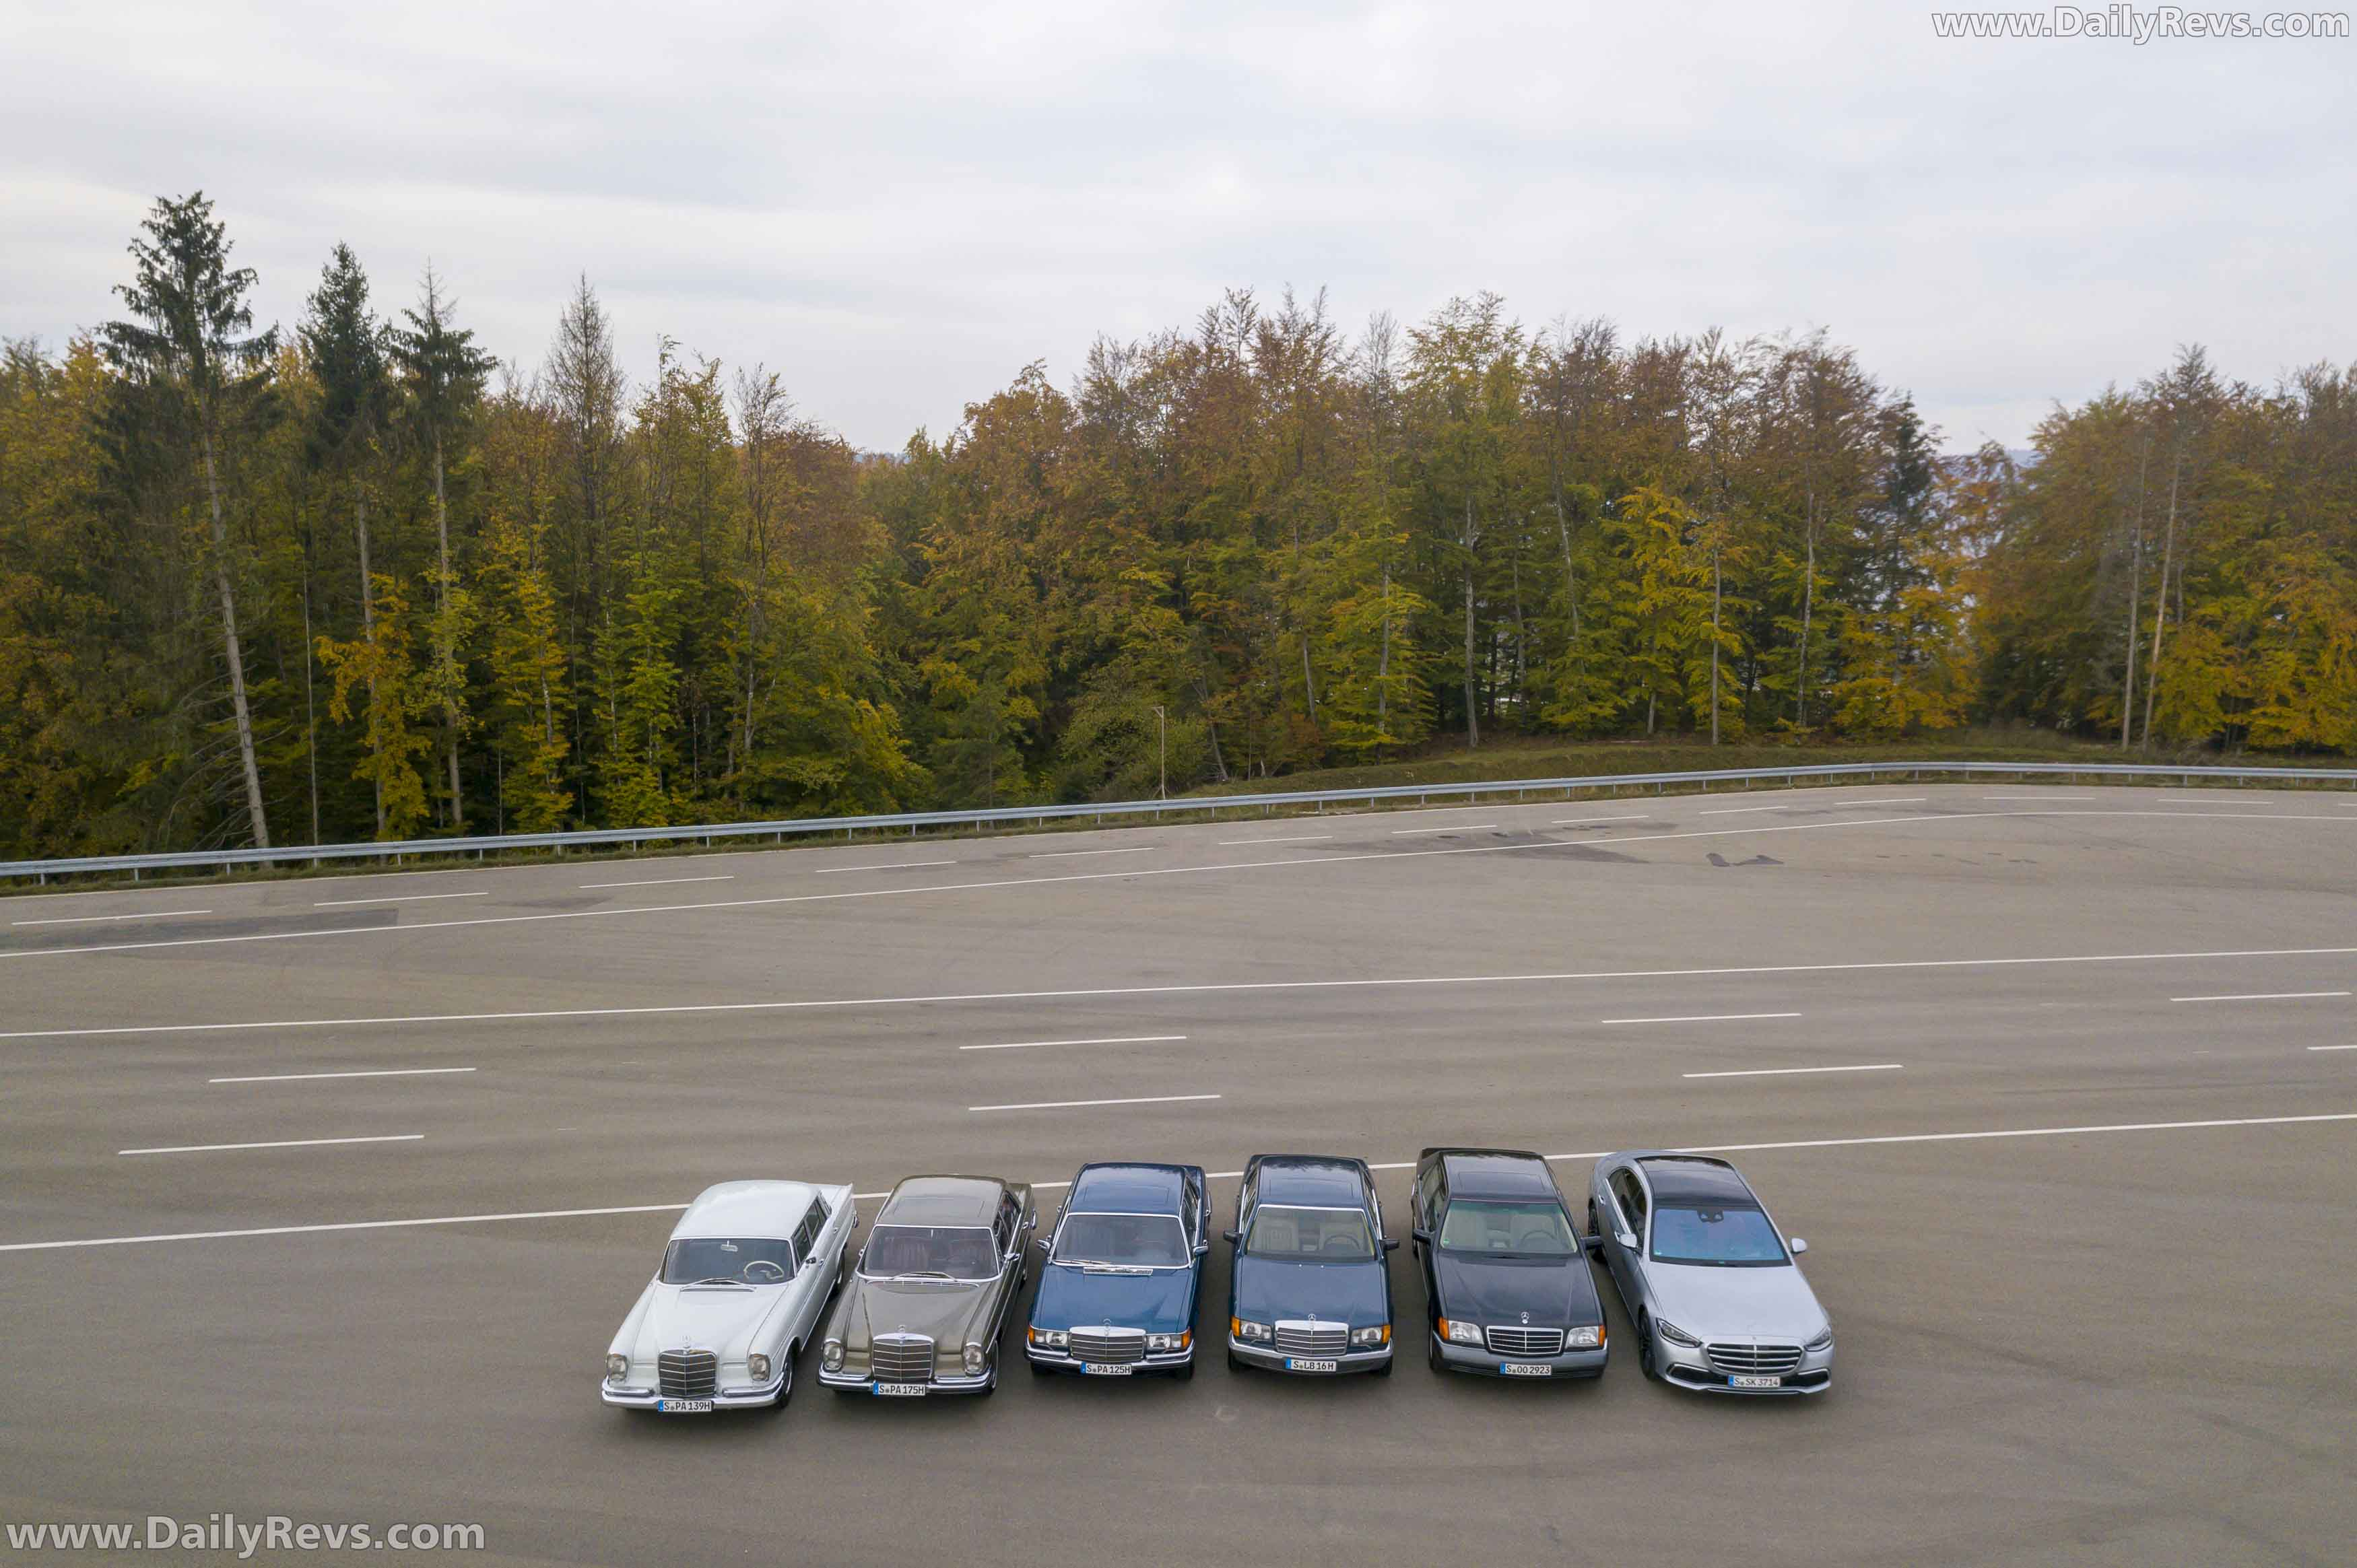 2021 Mercedes-Benz S 400d 4Matic full